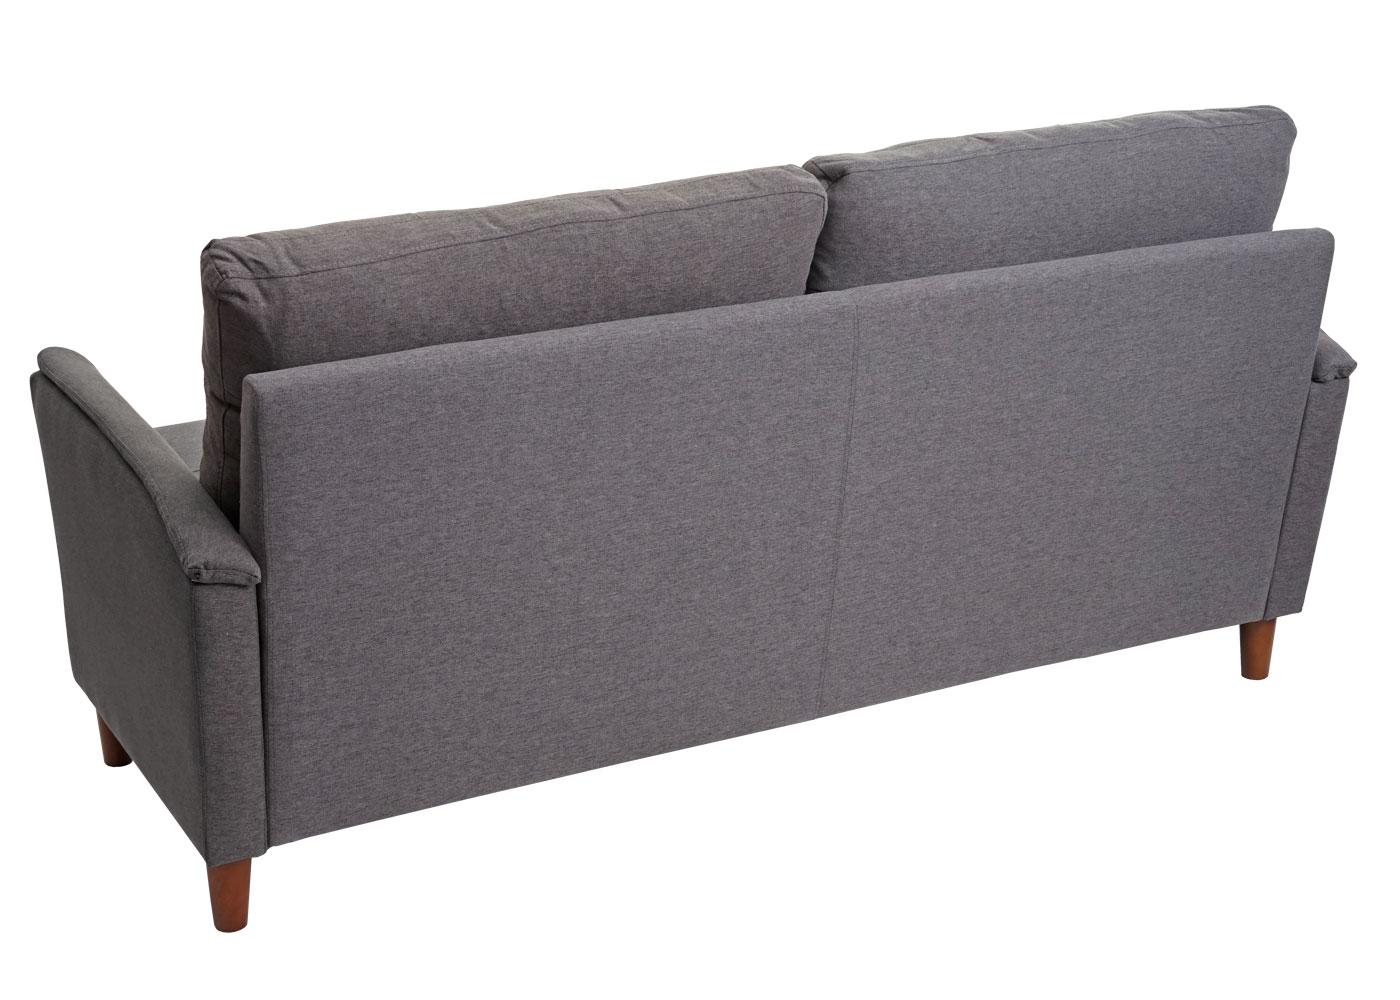 HWC-H23 3er Sofa Rückansicht